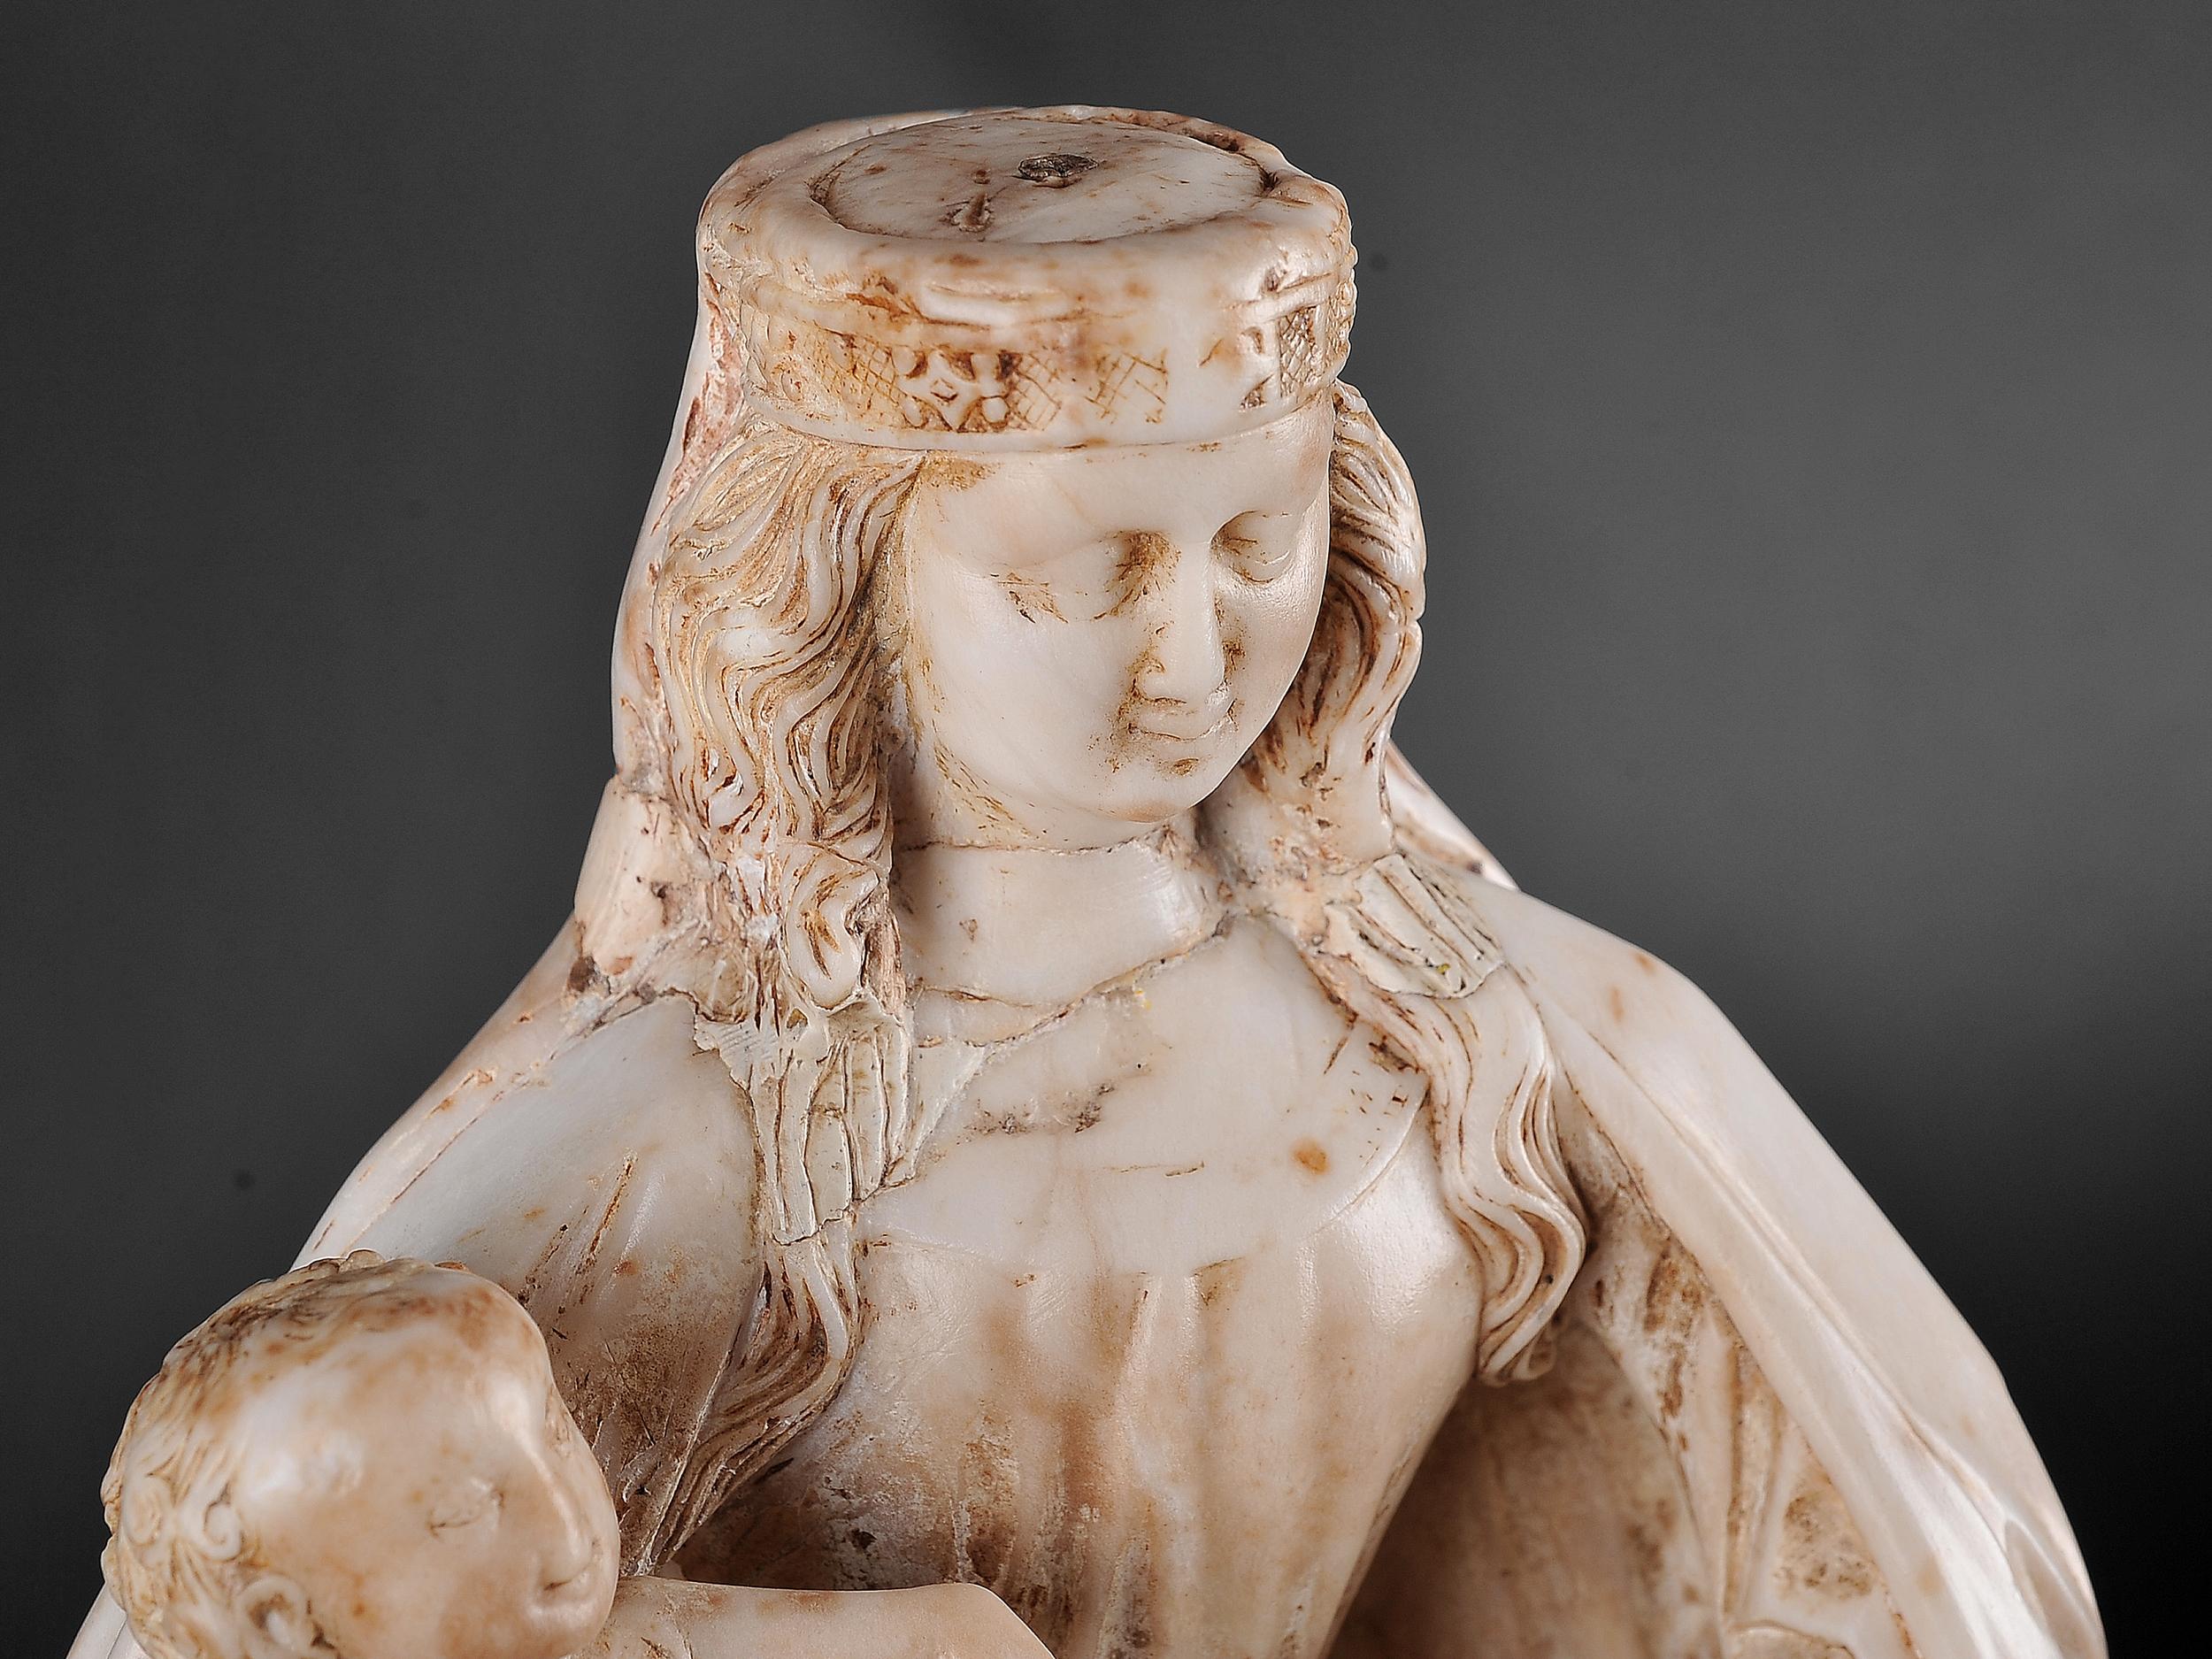 Gil de Siloe, Antwerpen 1440 – 1501 Burgos (und Werkstatt), Sitzende Madonna, um 1485/90 - Image 13 of 25